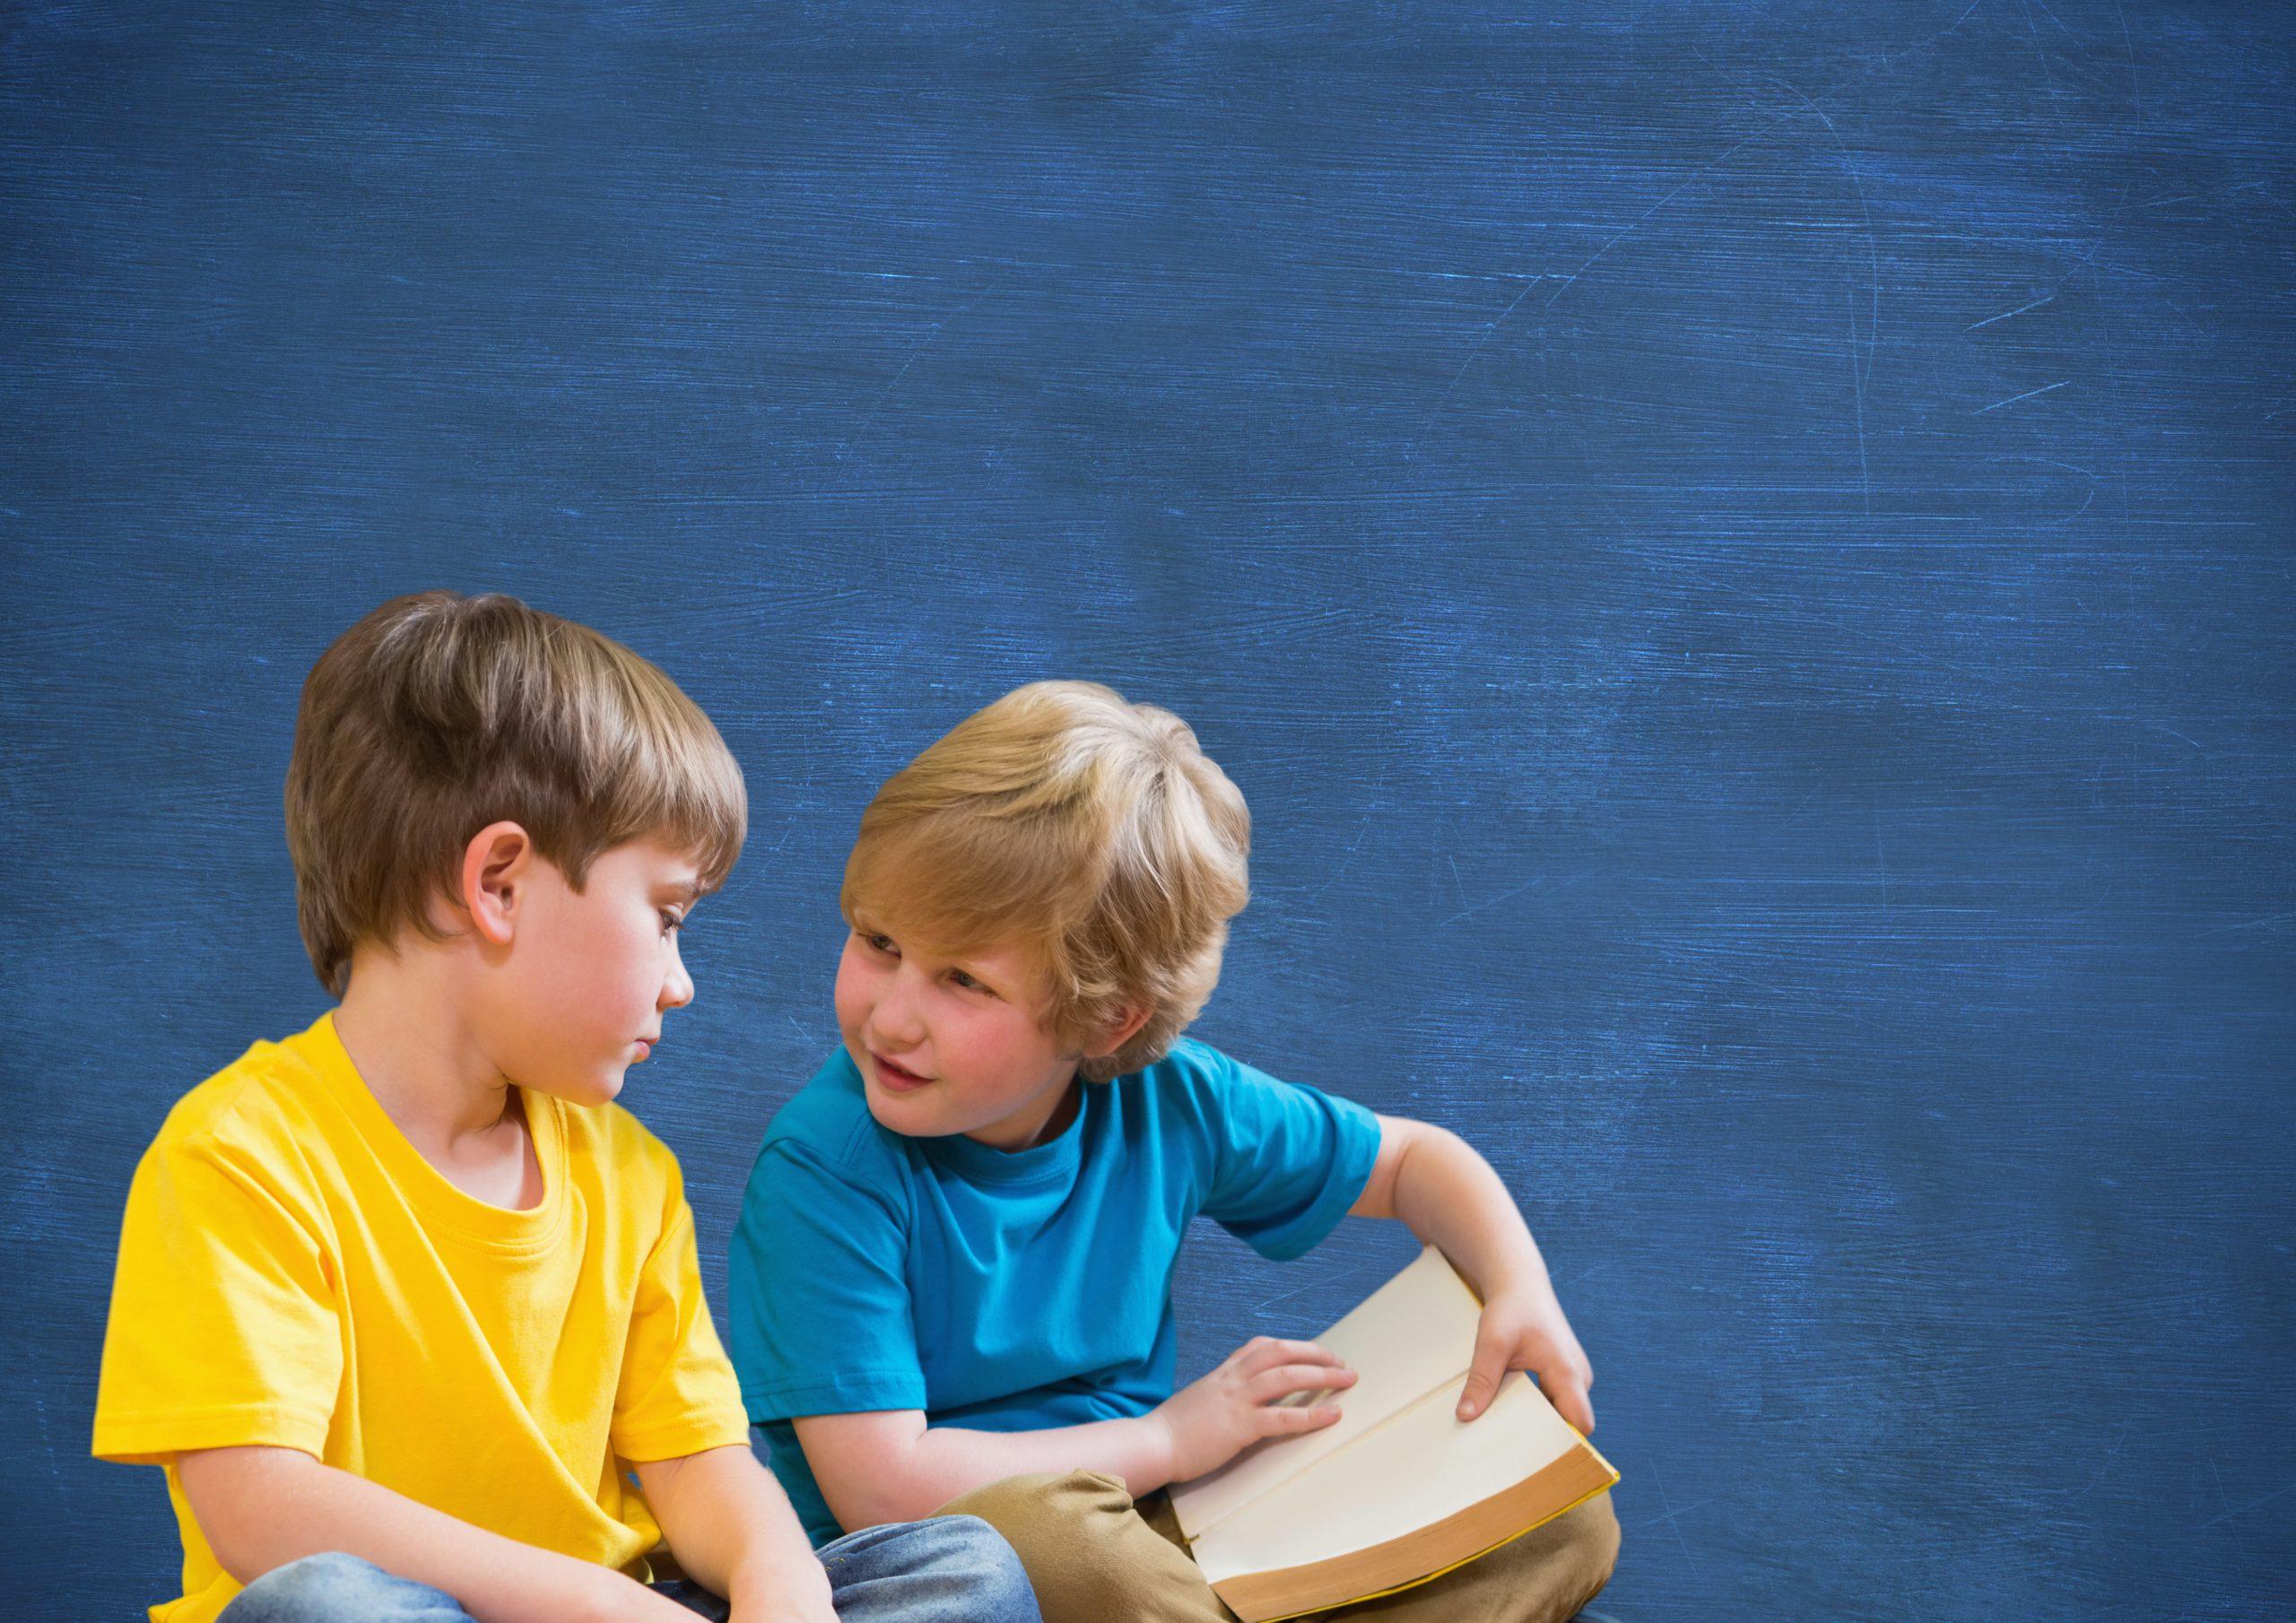 Dva dječaja čitaju i razgovaraju